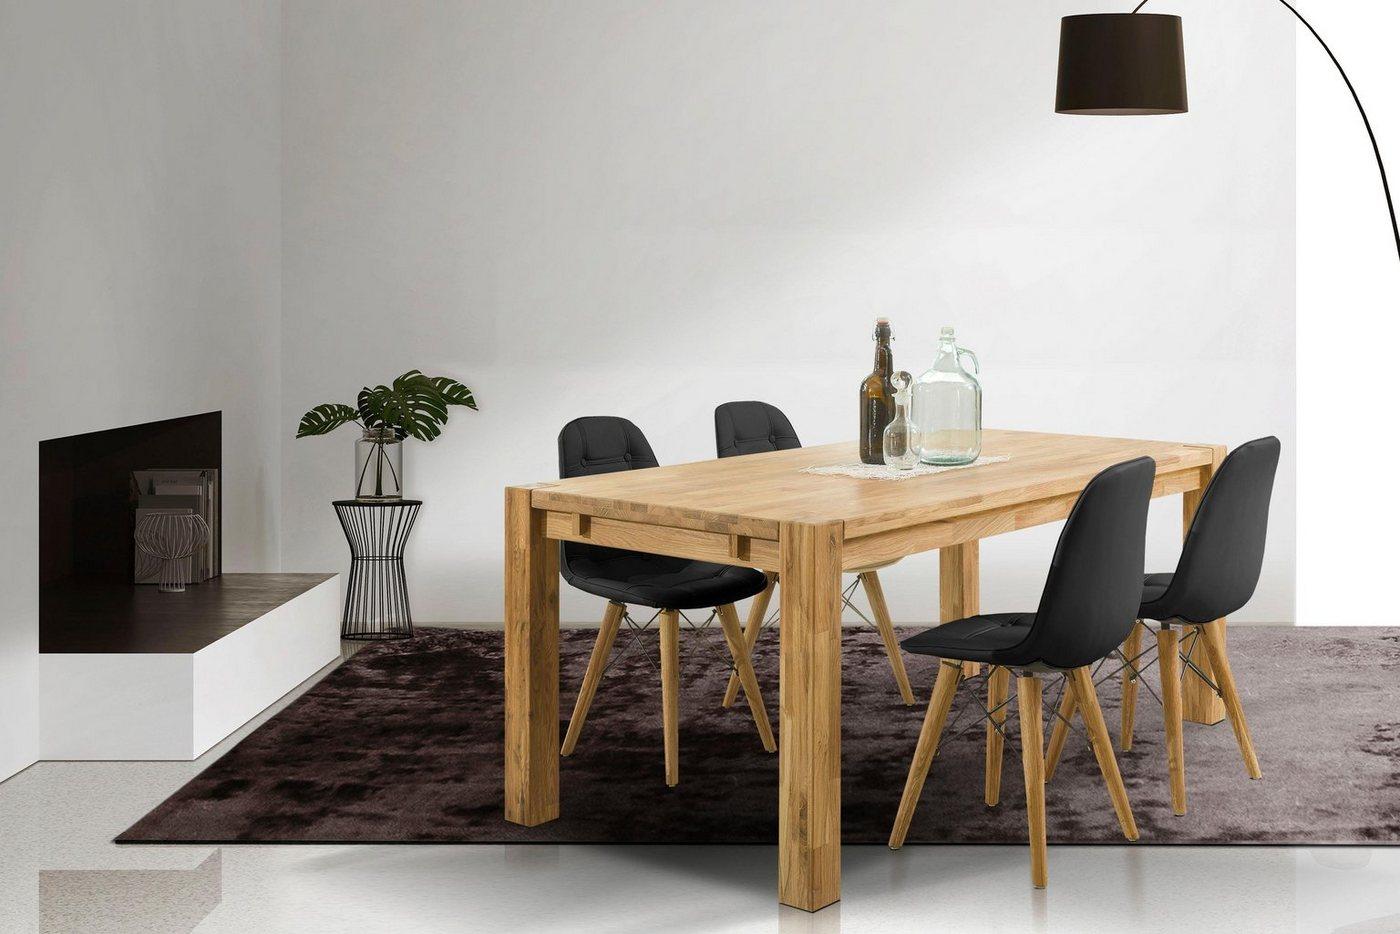 Home affaire Essgruppe »Tim«, (Set, 5 tlg), bestehend aus 4 Stühlen und einem Esstisch, Esstischgröße 180 cm | Küche und Esszimmer > Stühle und Hocker > Esszimmerstühle | Massivholz | Home affaire